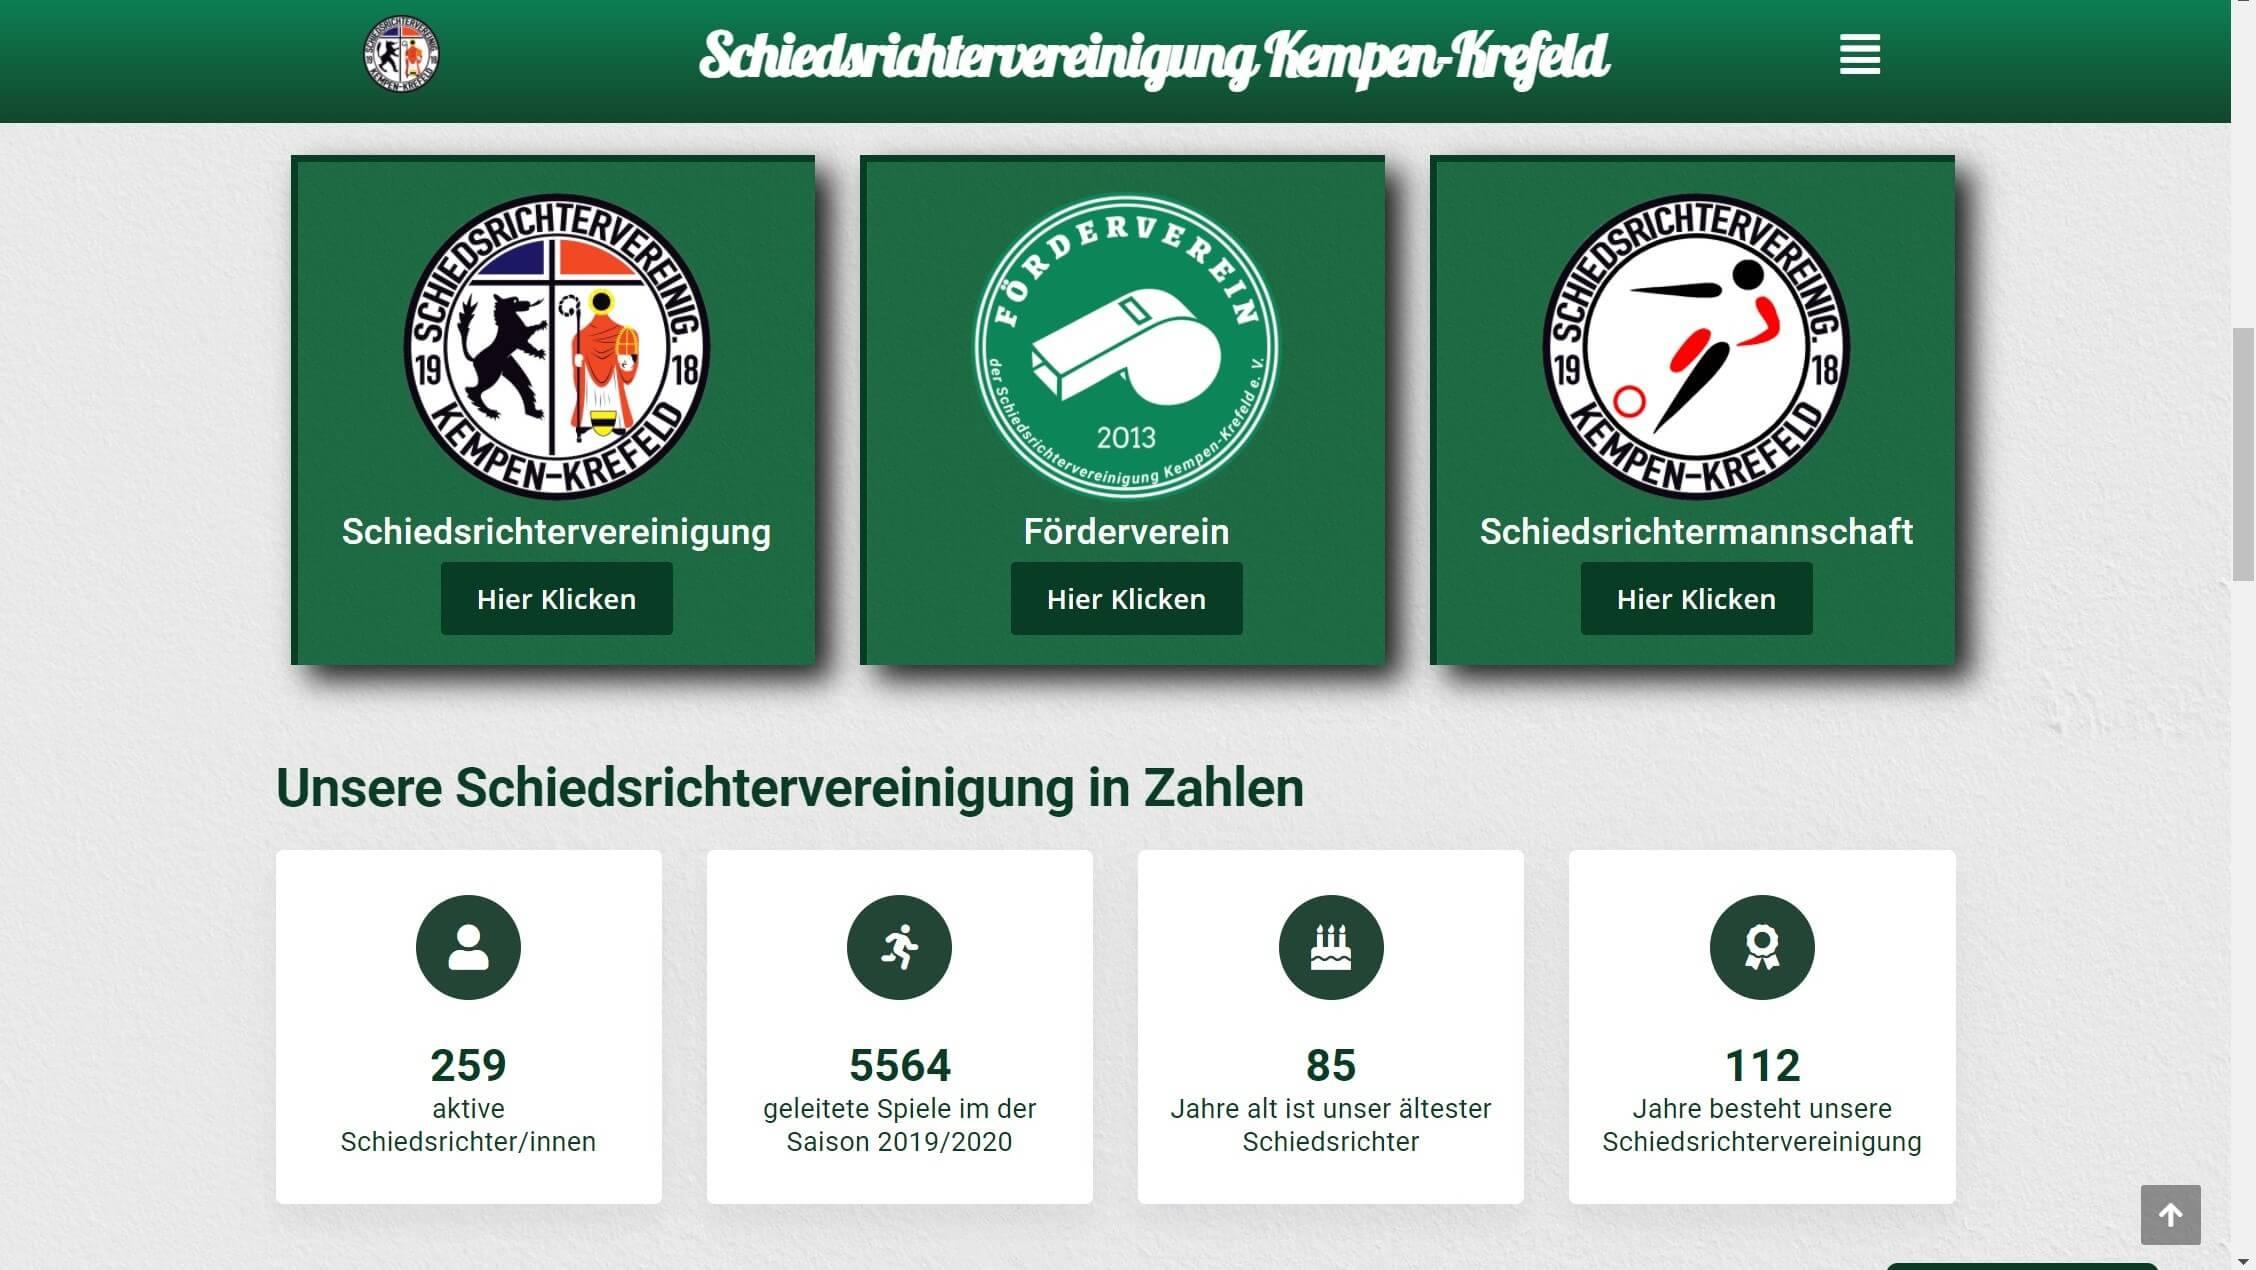 Internetseite der Schiedsrichtervereinigung Kempen-Krefeld